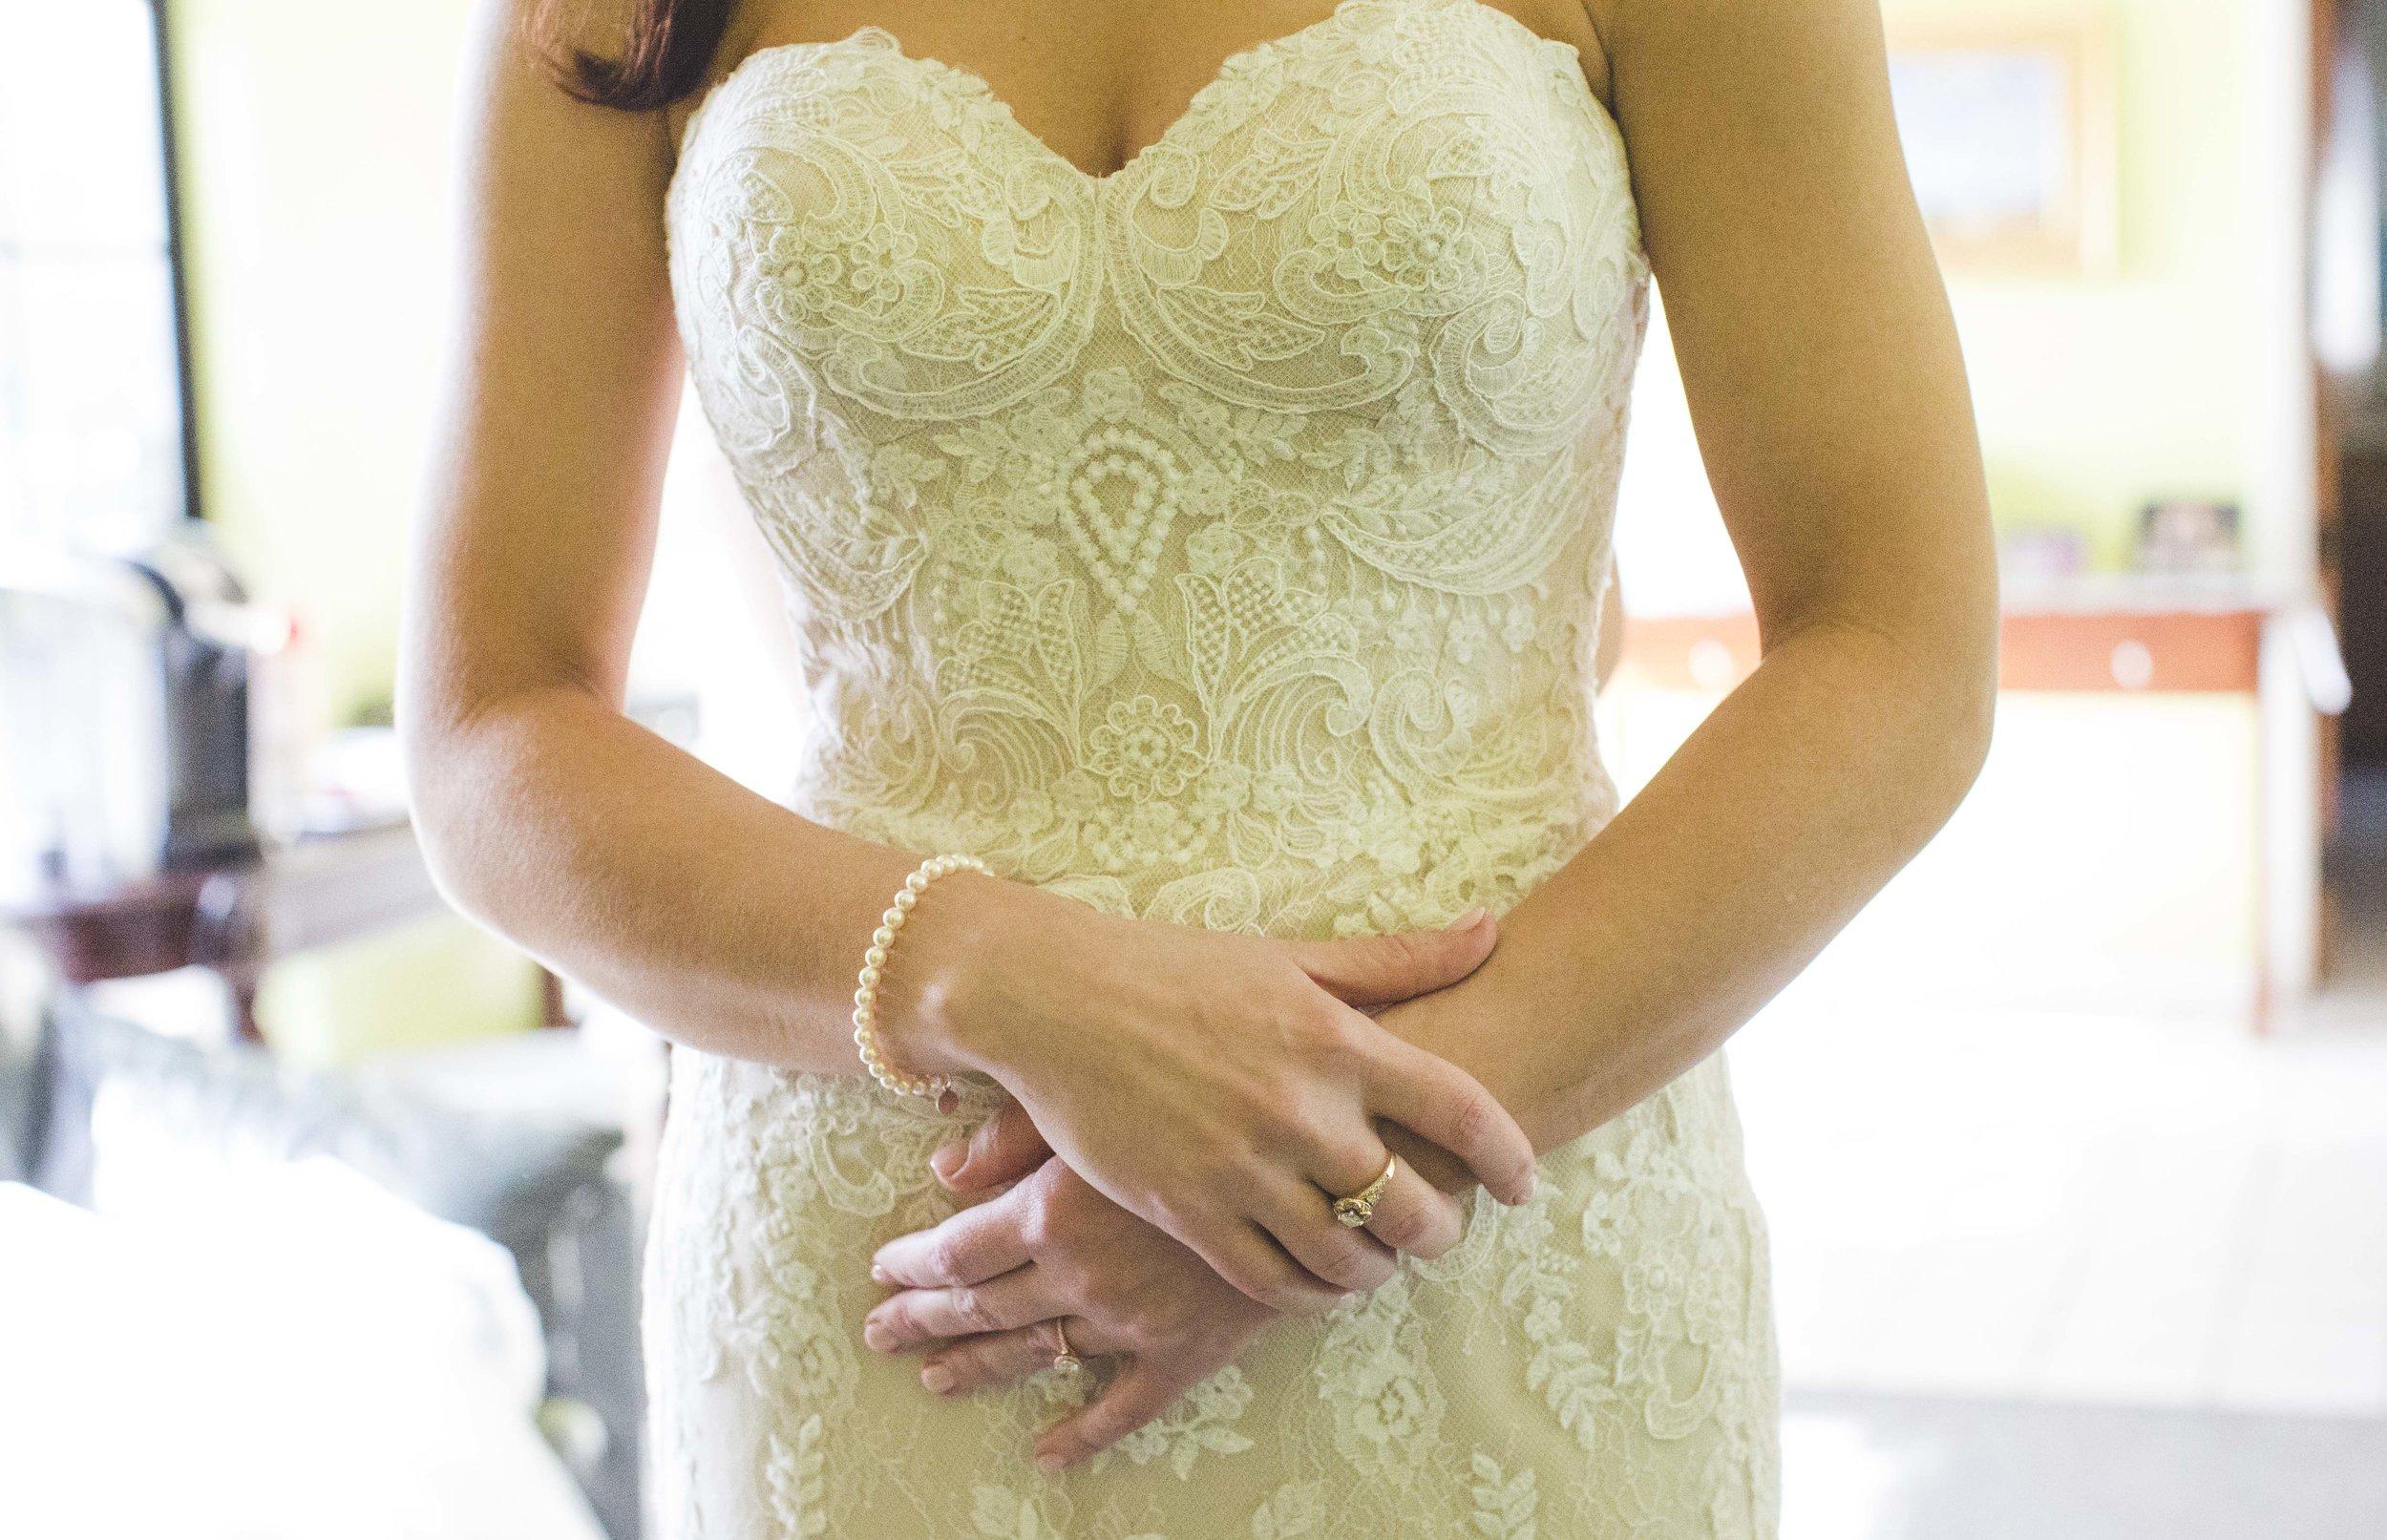 ATGI_Susanna & Matt Wedding_717A7224.jpg